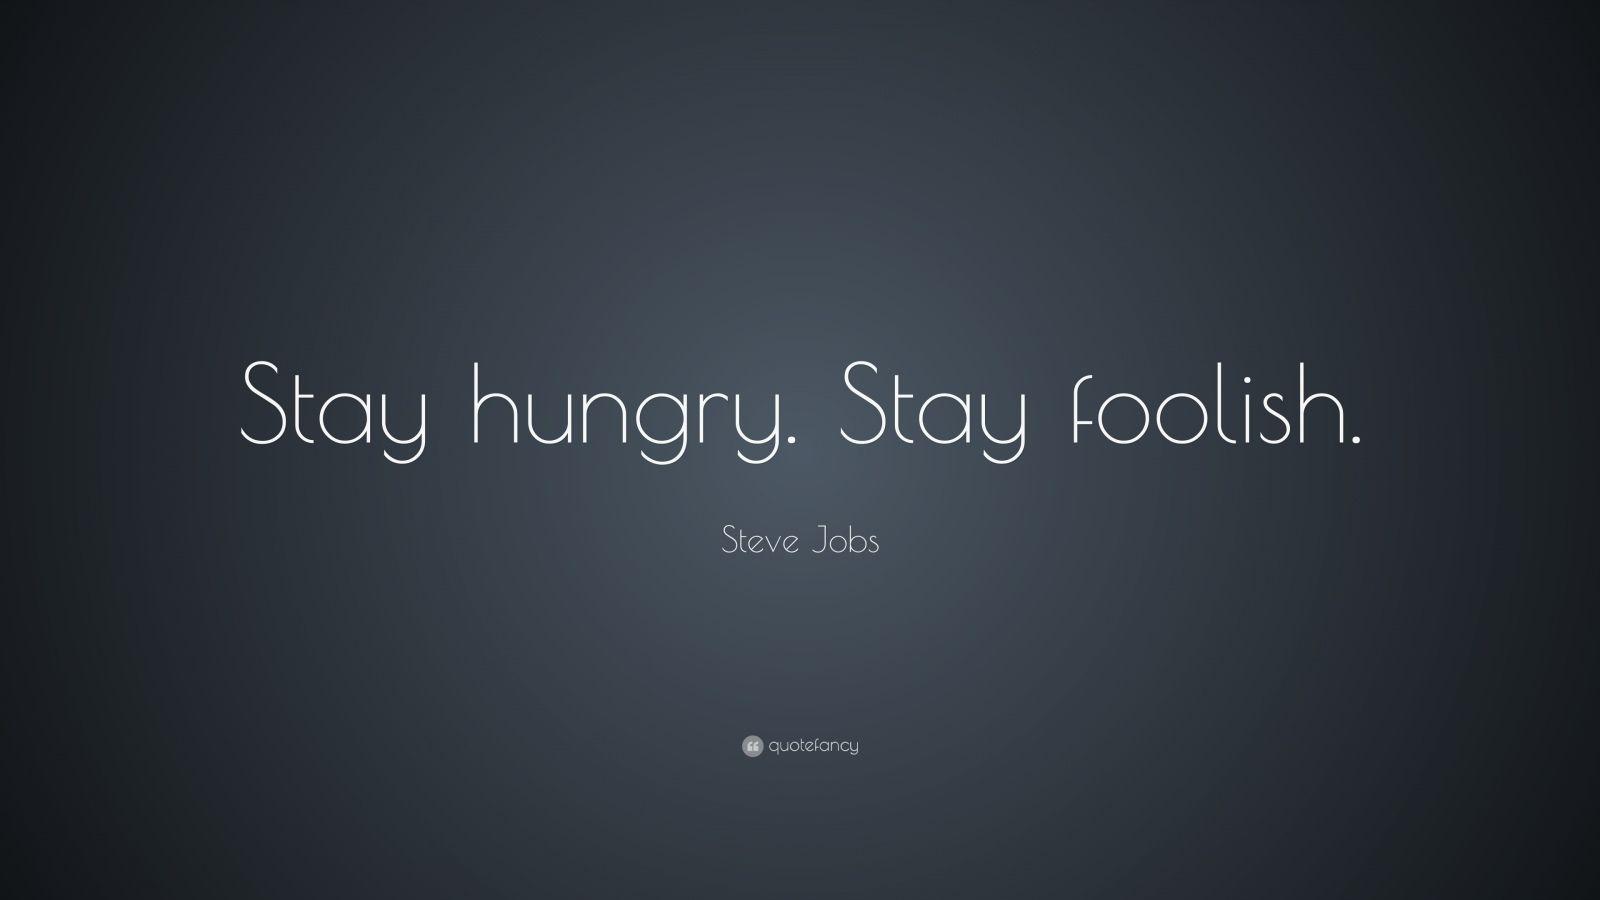 steve jobs quotes 29 wallpapers quotefancy